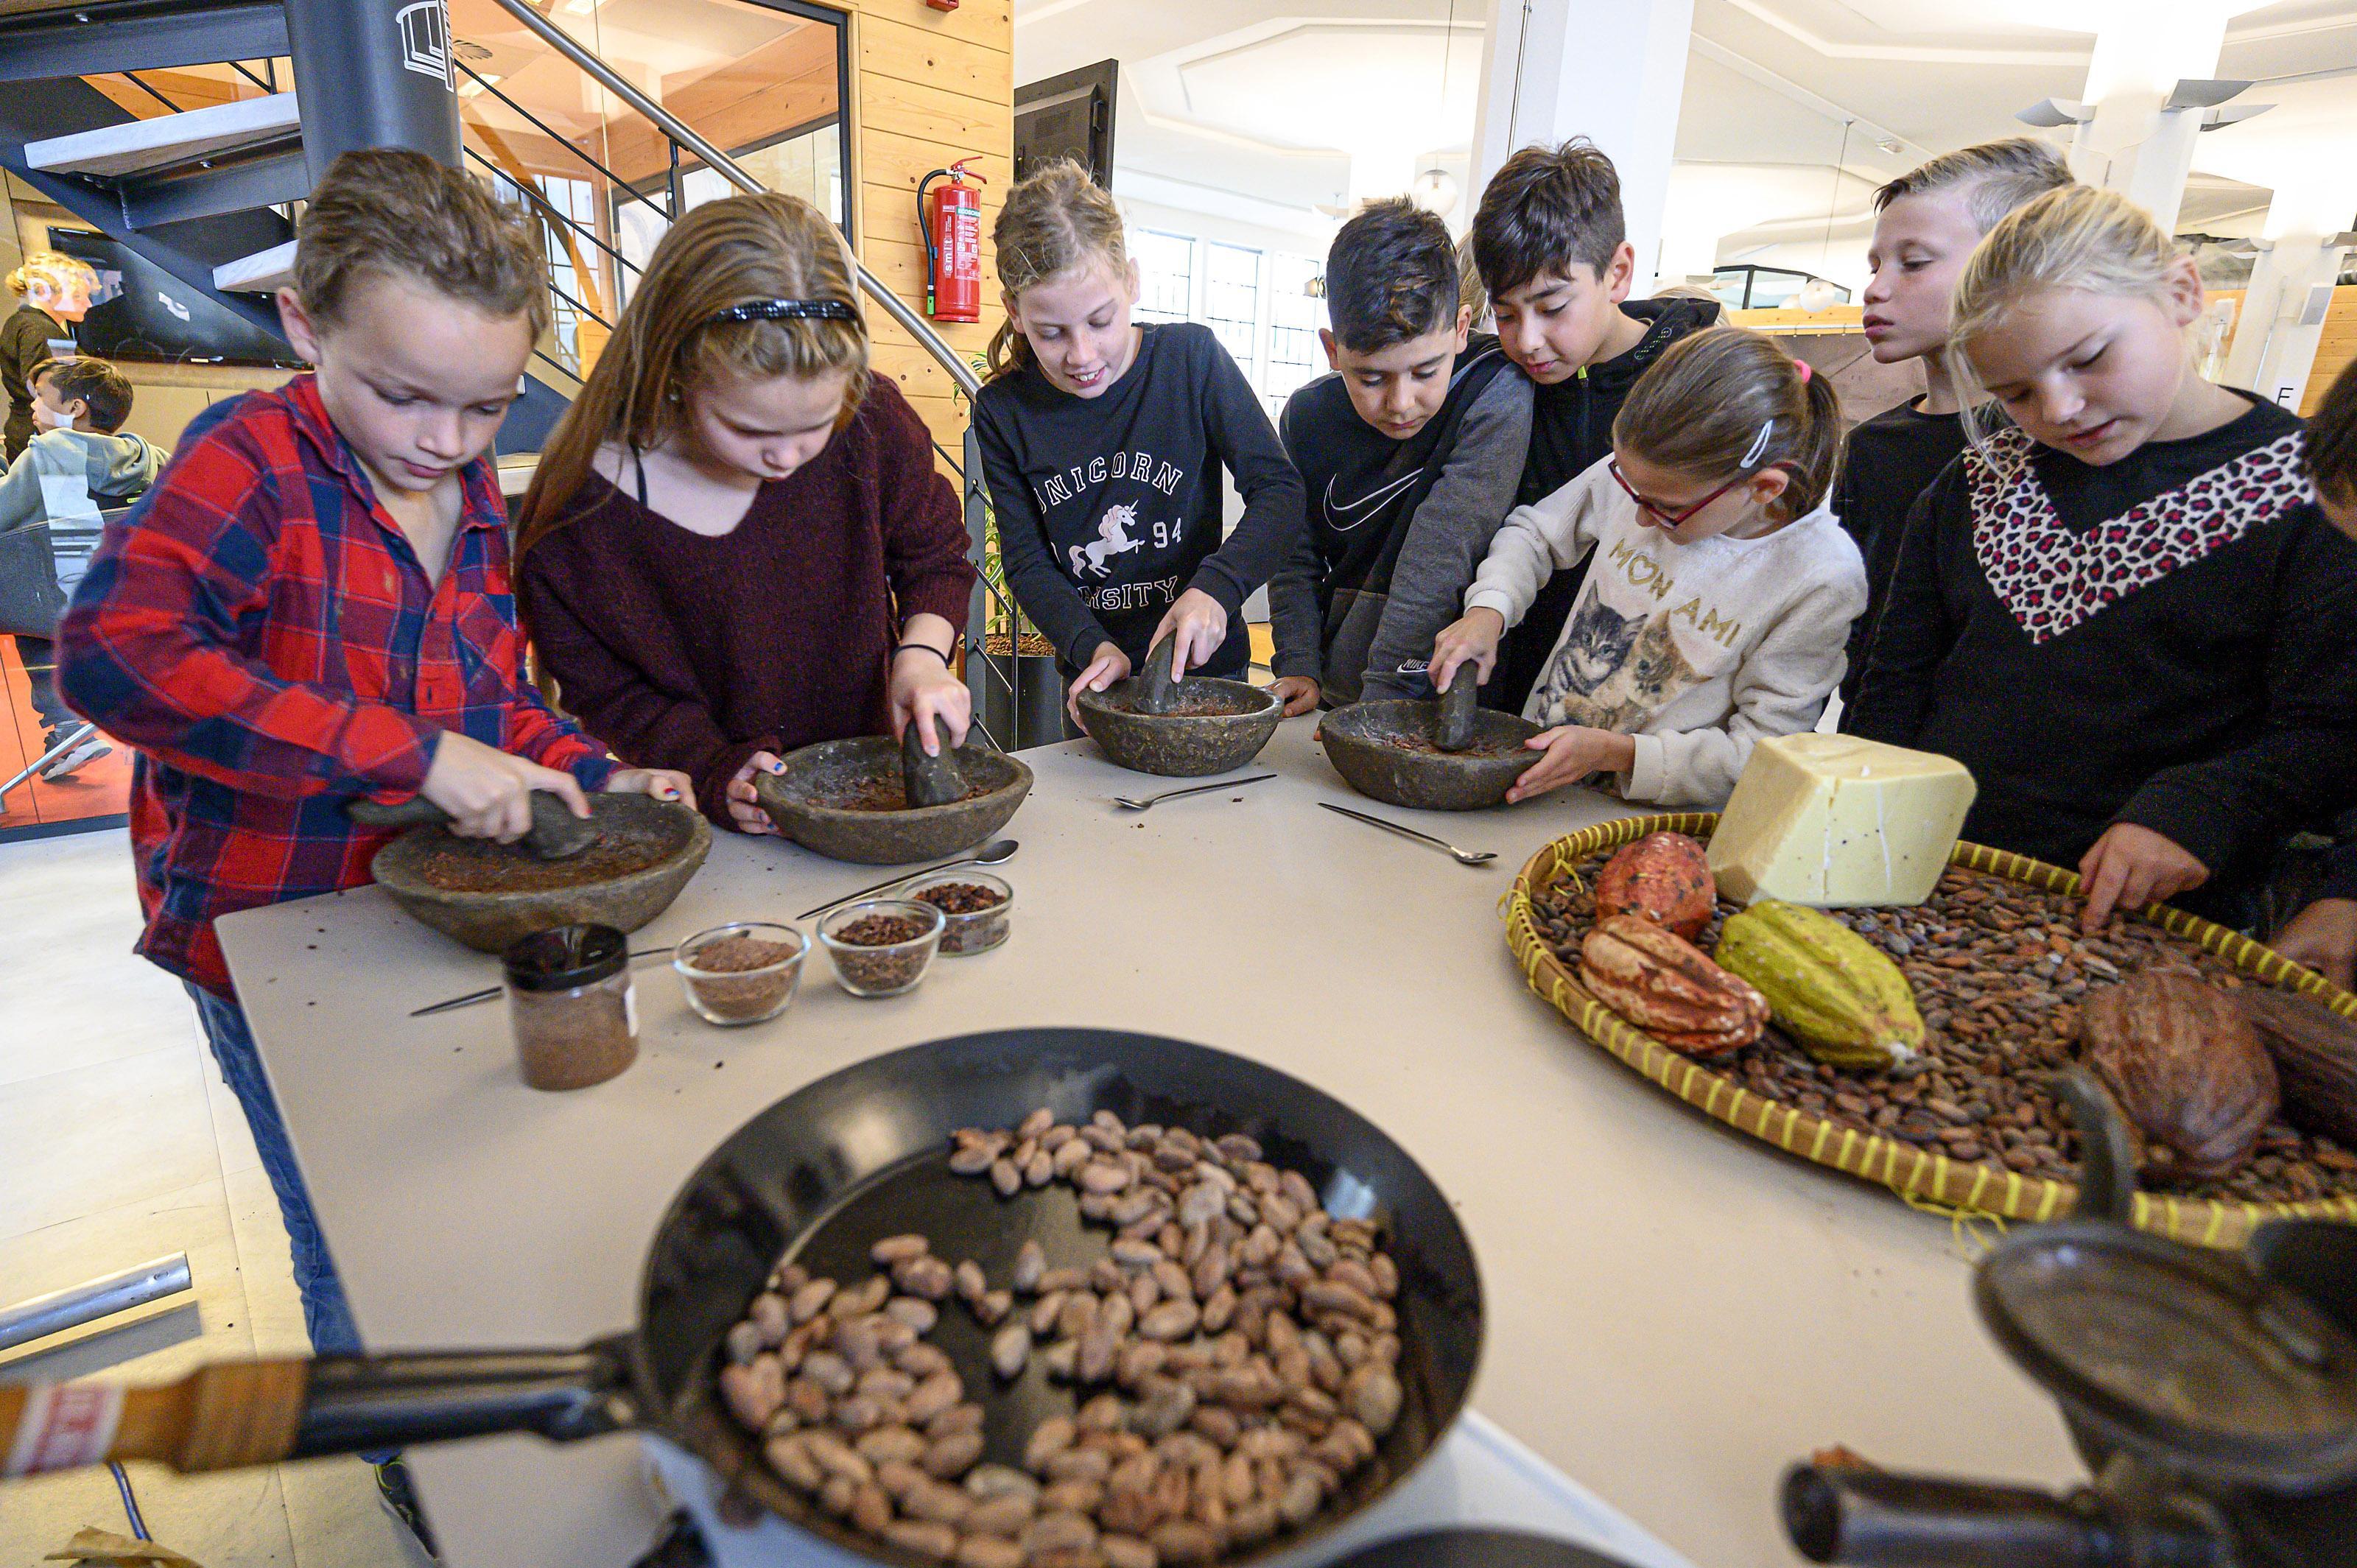 Kinderen van Toermalijn smullen van chocolade bij Parteon, ooit een fabriek uit de cacao-industrie